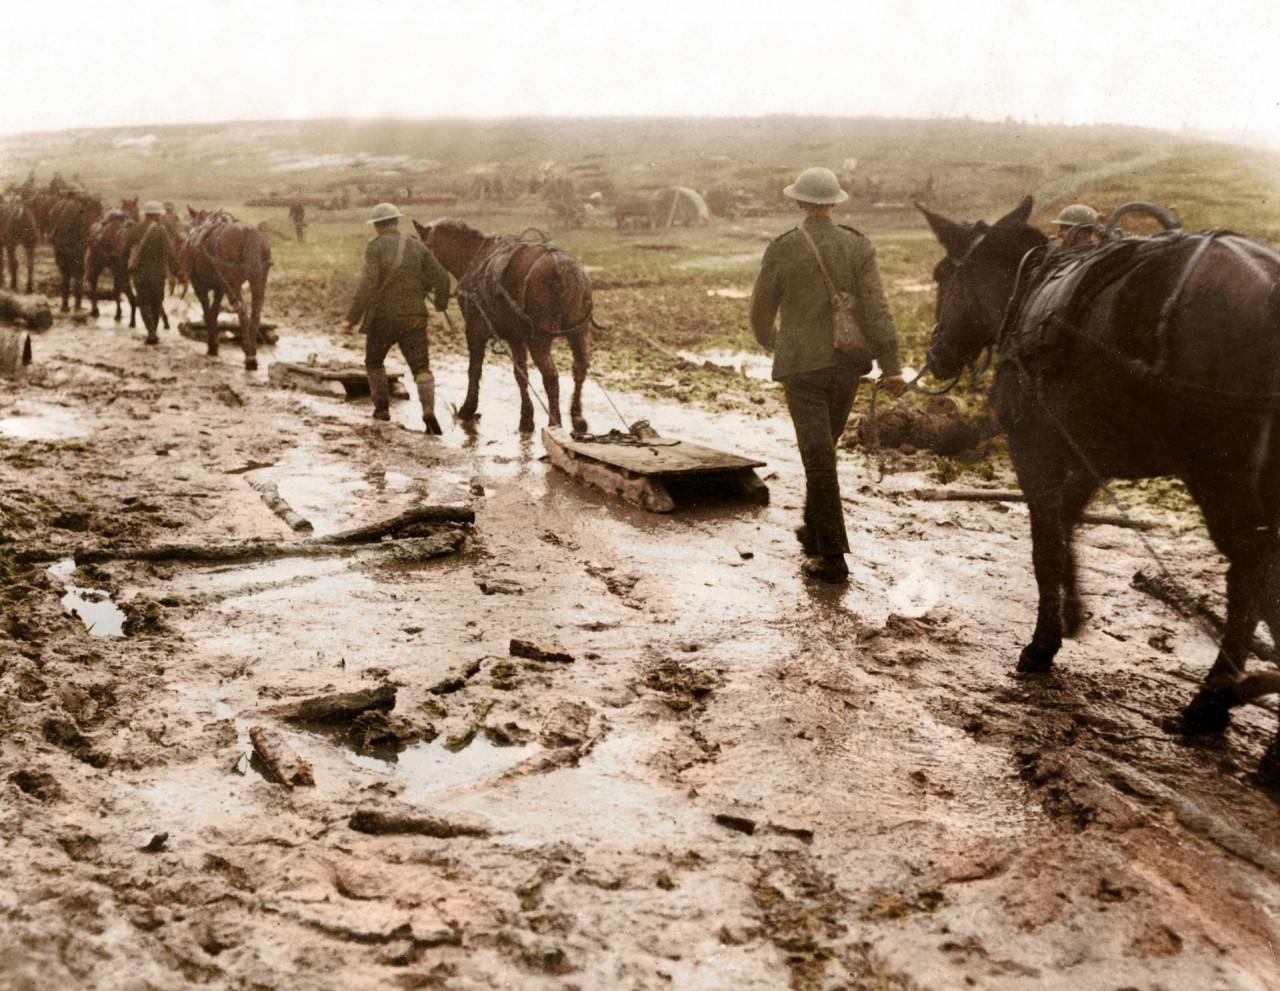 Лошади везут самодельные сани через грязь архивное фото, колоризация, колоризация фотографий, колоризированные снимки, первая мировая, первая мировая война, фото войны